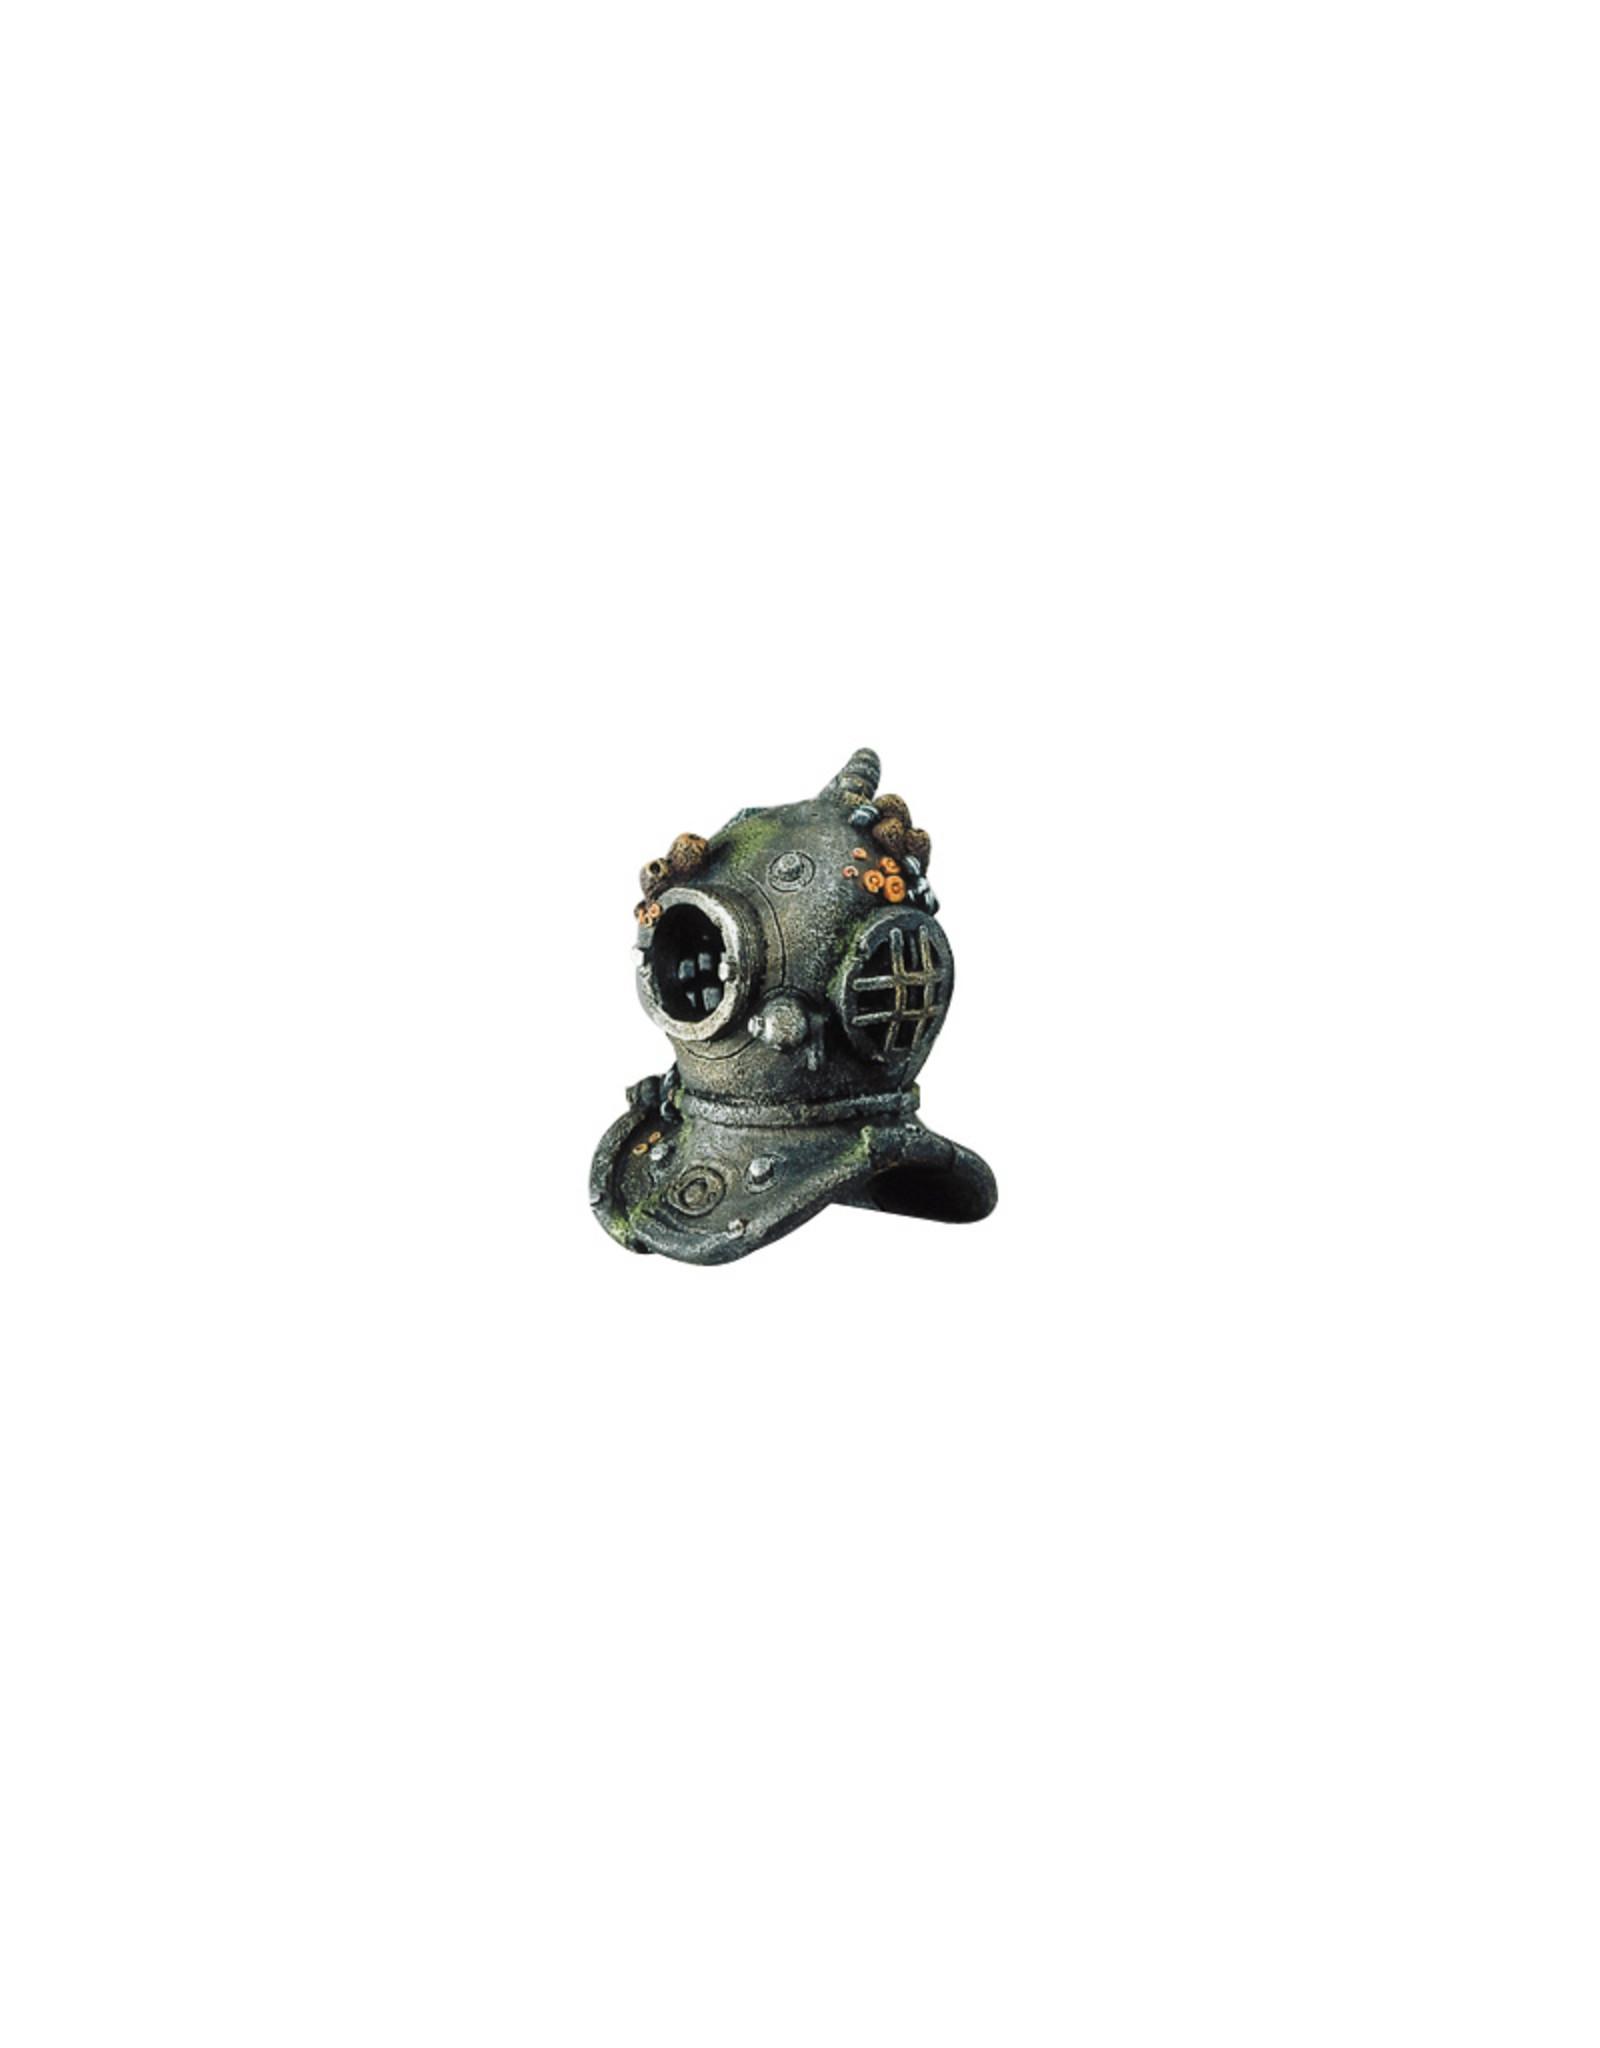 Aqua Della AQUA DELLA Diver Helmet w/Airstone Med